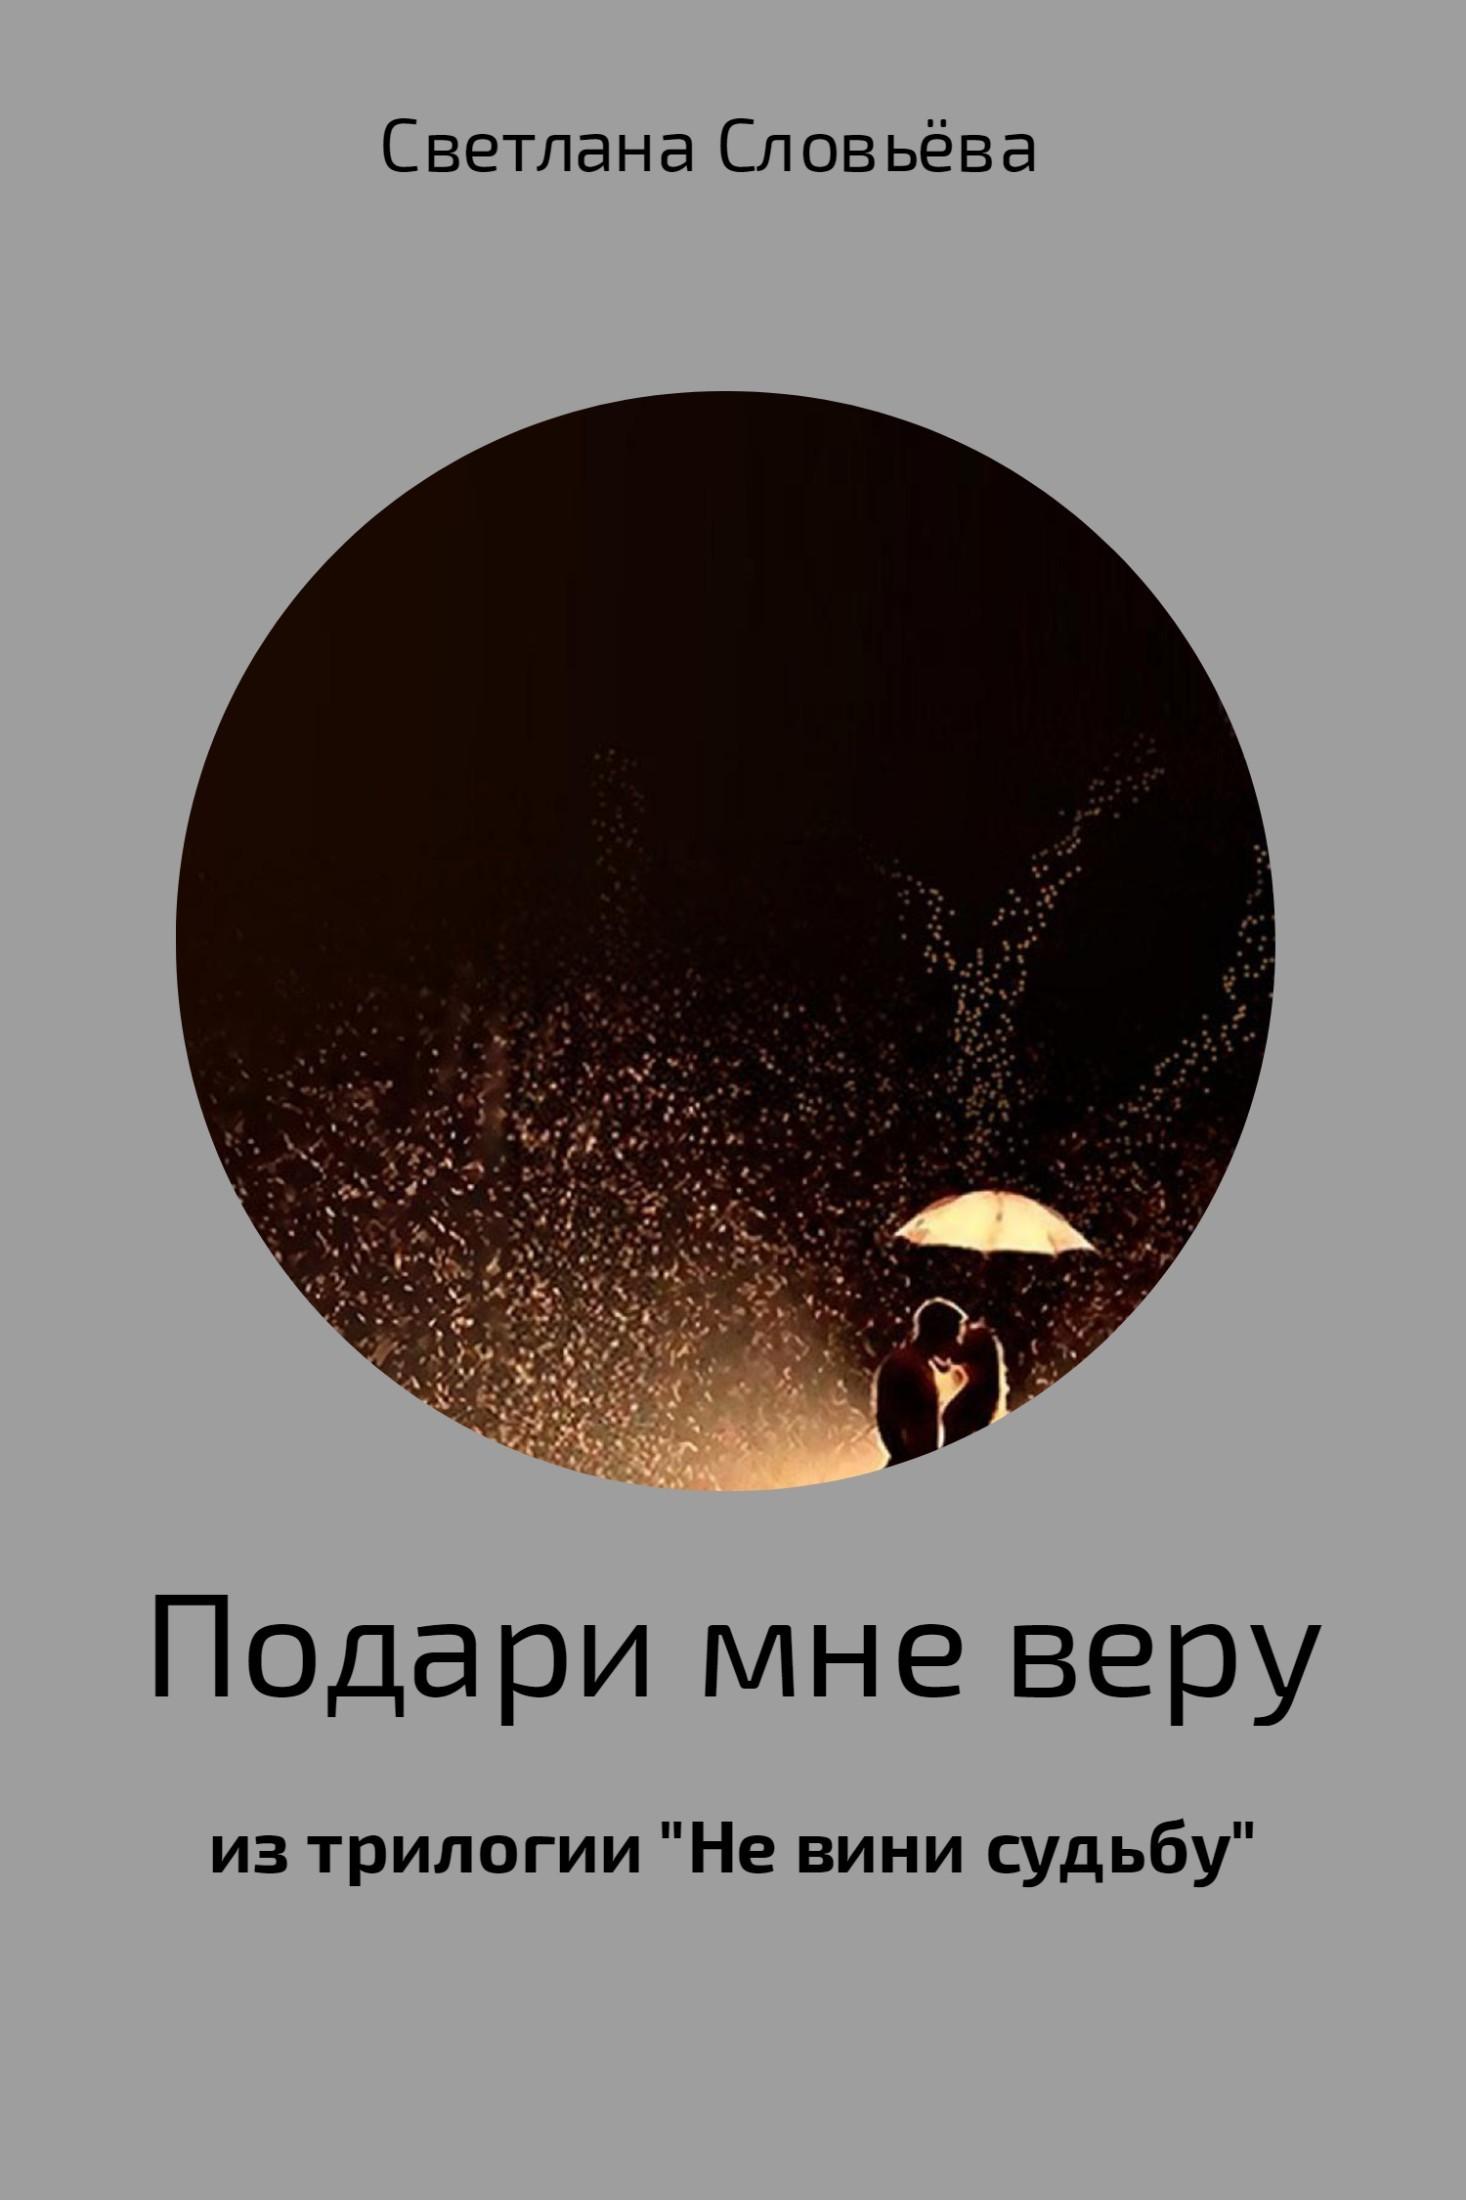 Светлана Соловьёва «Подари мне веру»